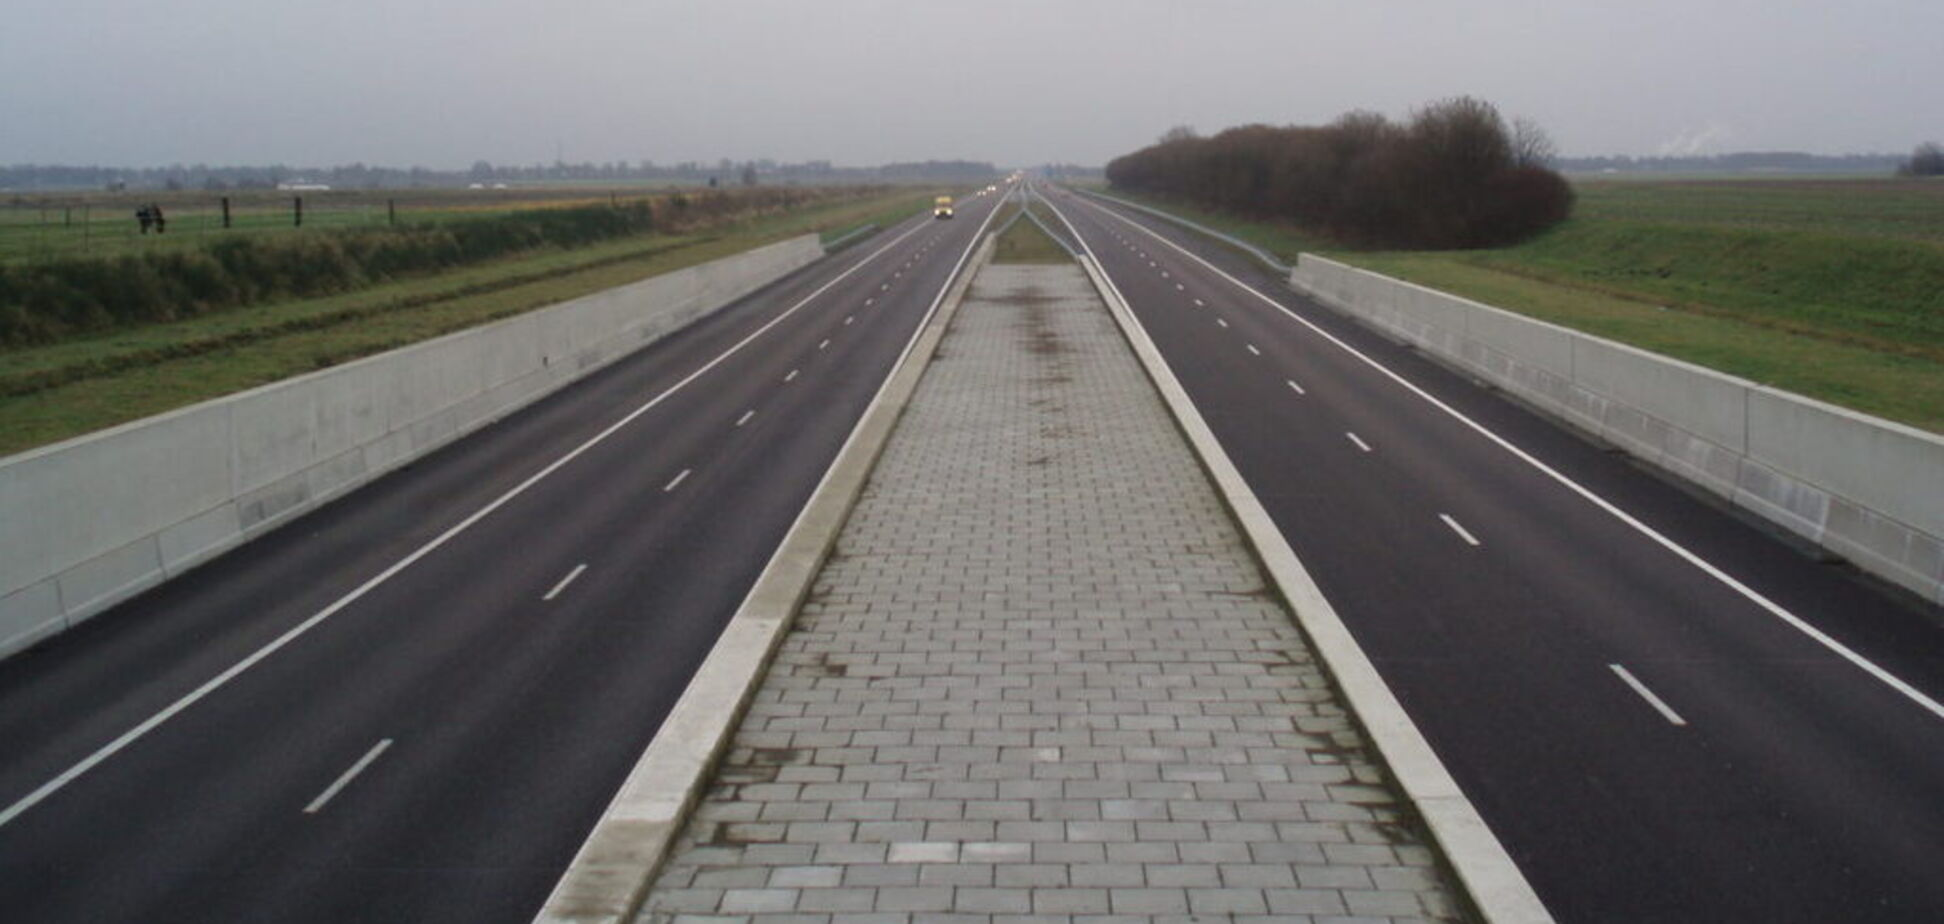 В Європі на дорогах встановлять бар'єри з сонячних панелей: з якою метою